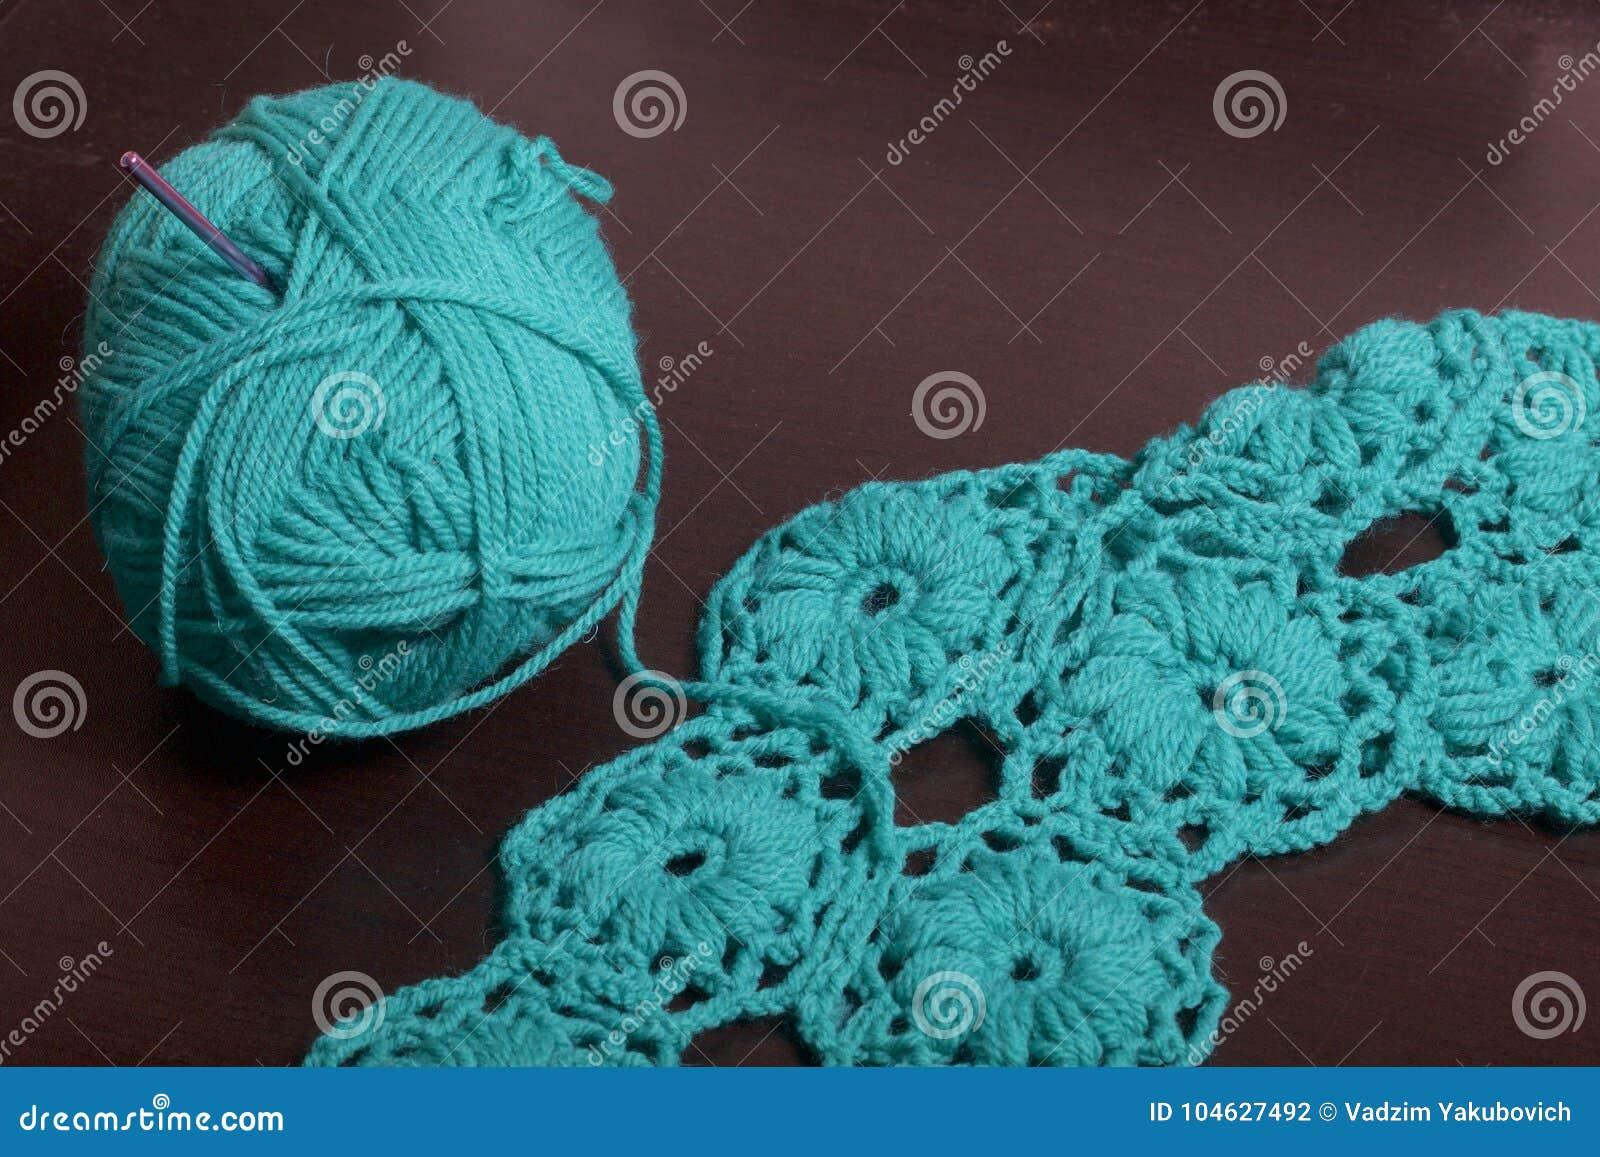 Download Crochet Op Dark Ligt De Oppervlakte Van De Lijst Een Onvolledig Gebreid Product Met Breinaalden En Een Bal Van Smaragdgroen-gekle Stock Foto - Afbeelding bestaande uit brei, achtergrond: 104627492